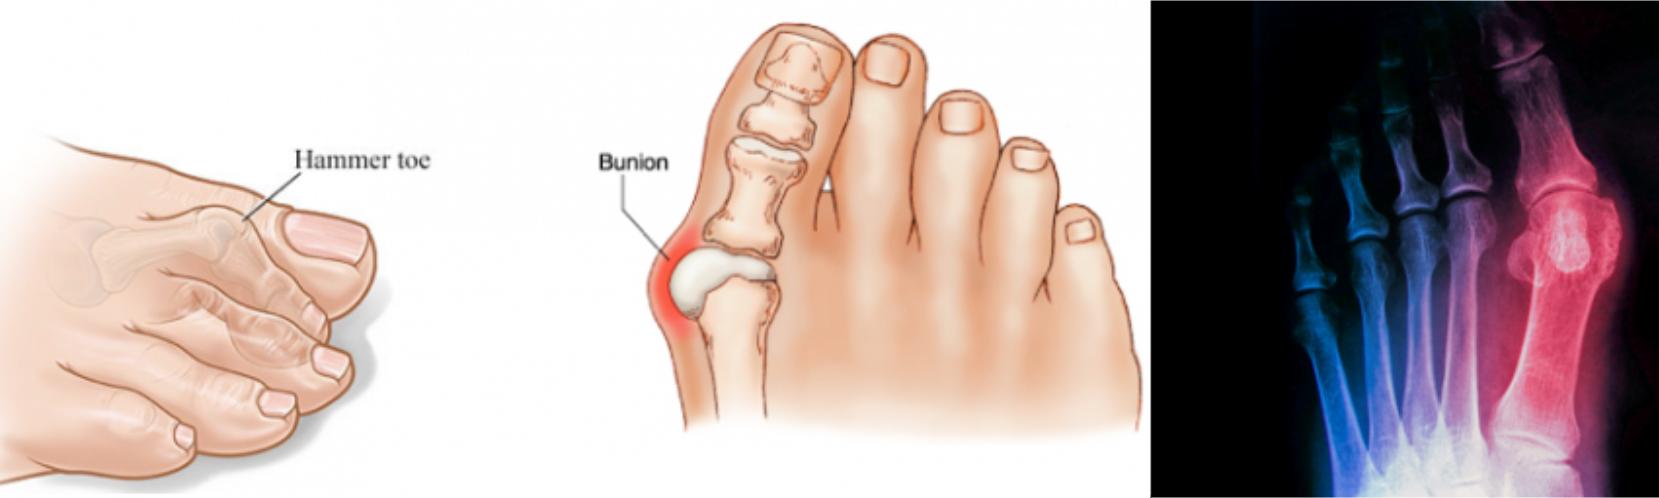 Külső lábfájdalom okai és kezelése gyógytornával